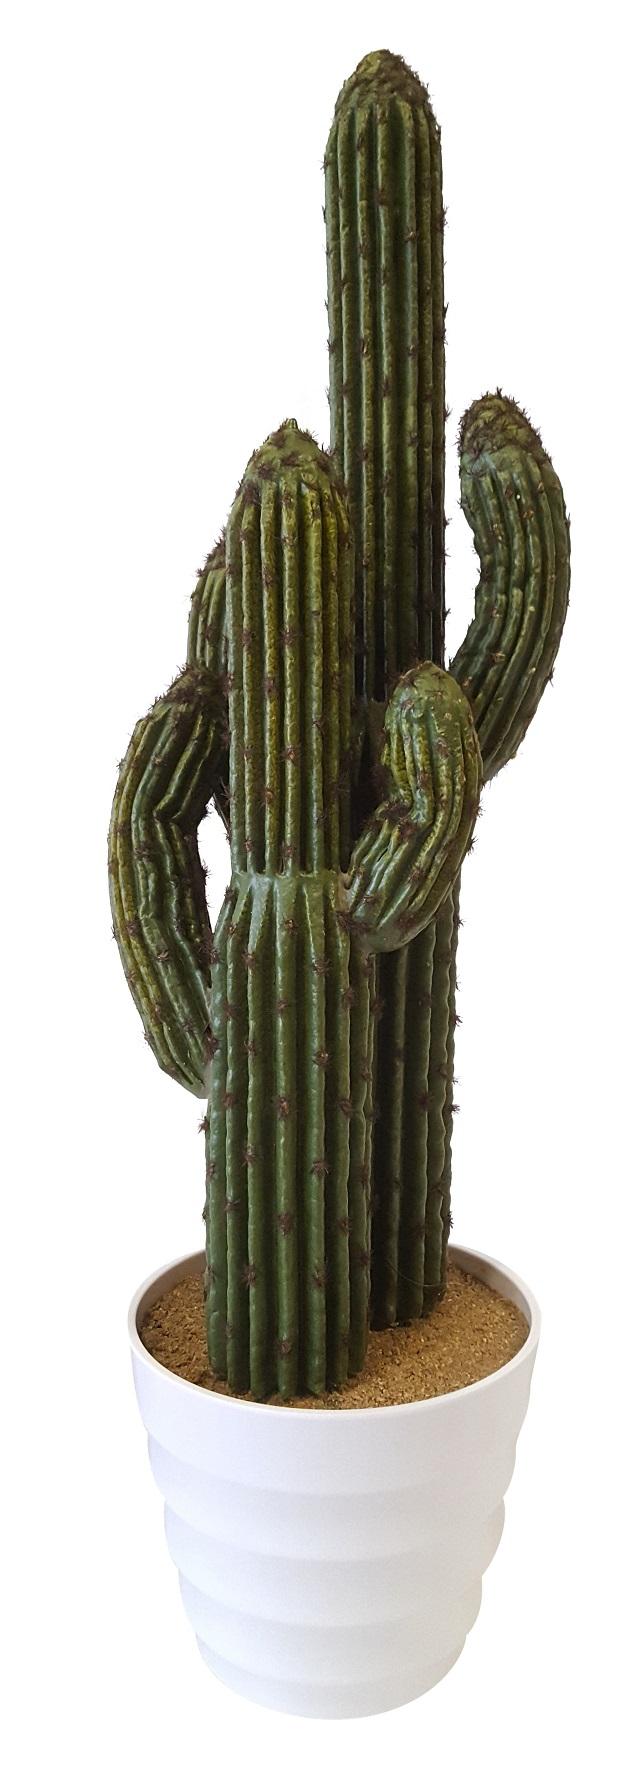 Imitatie Mexico Cactus Chihua 63cm